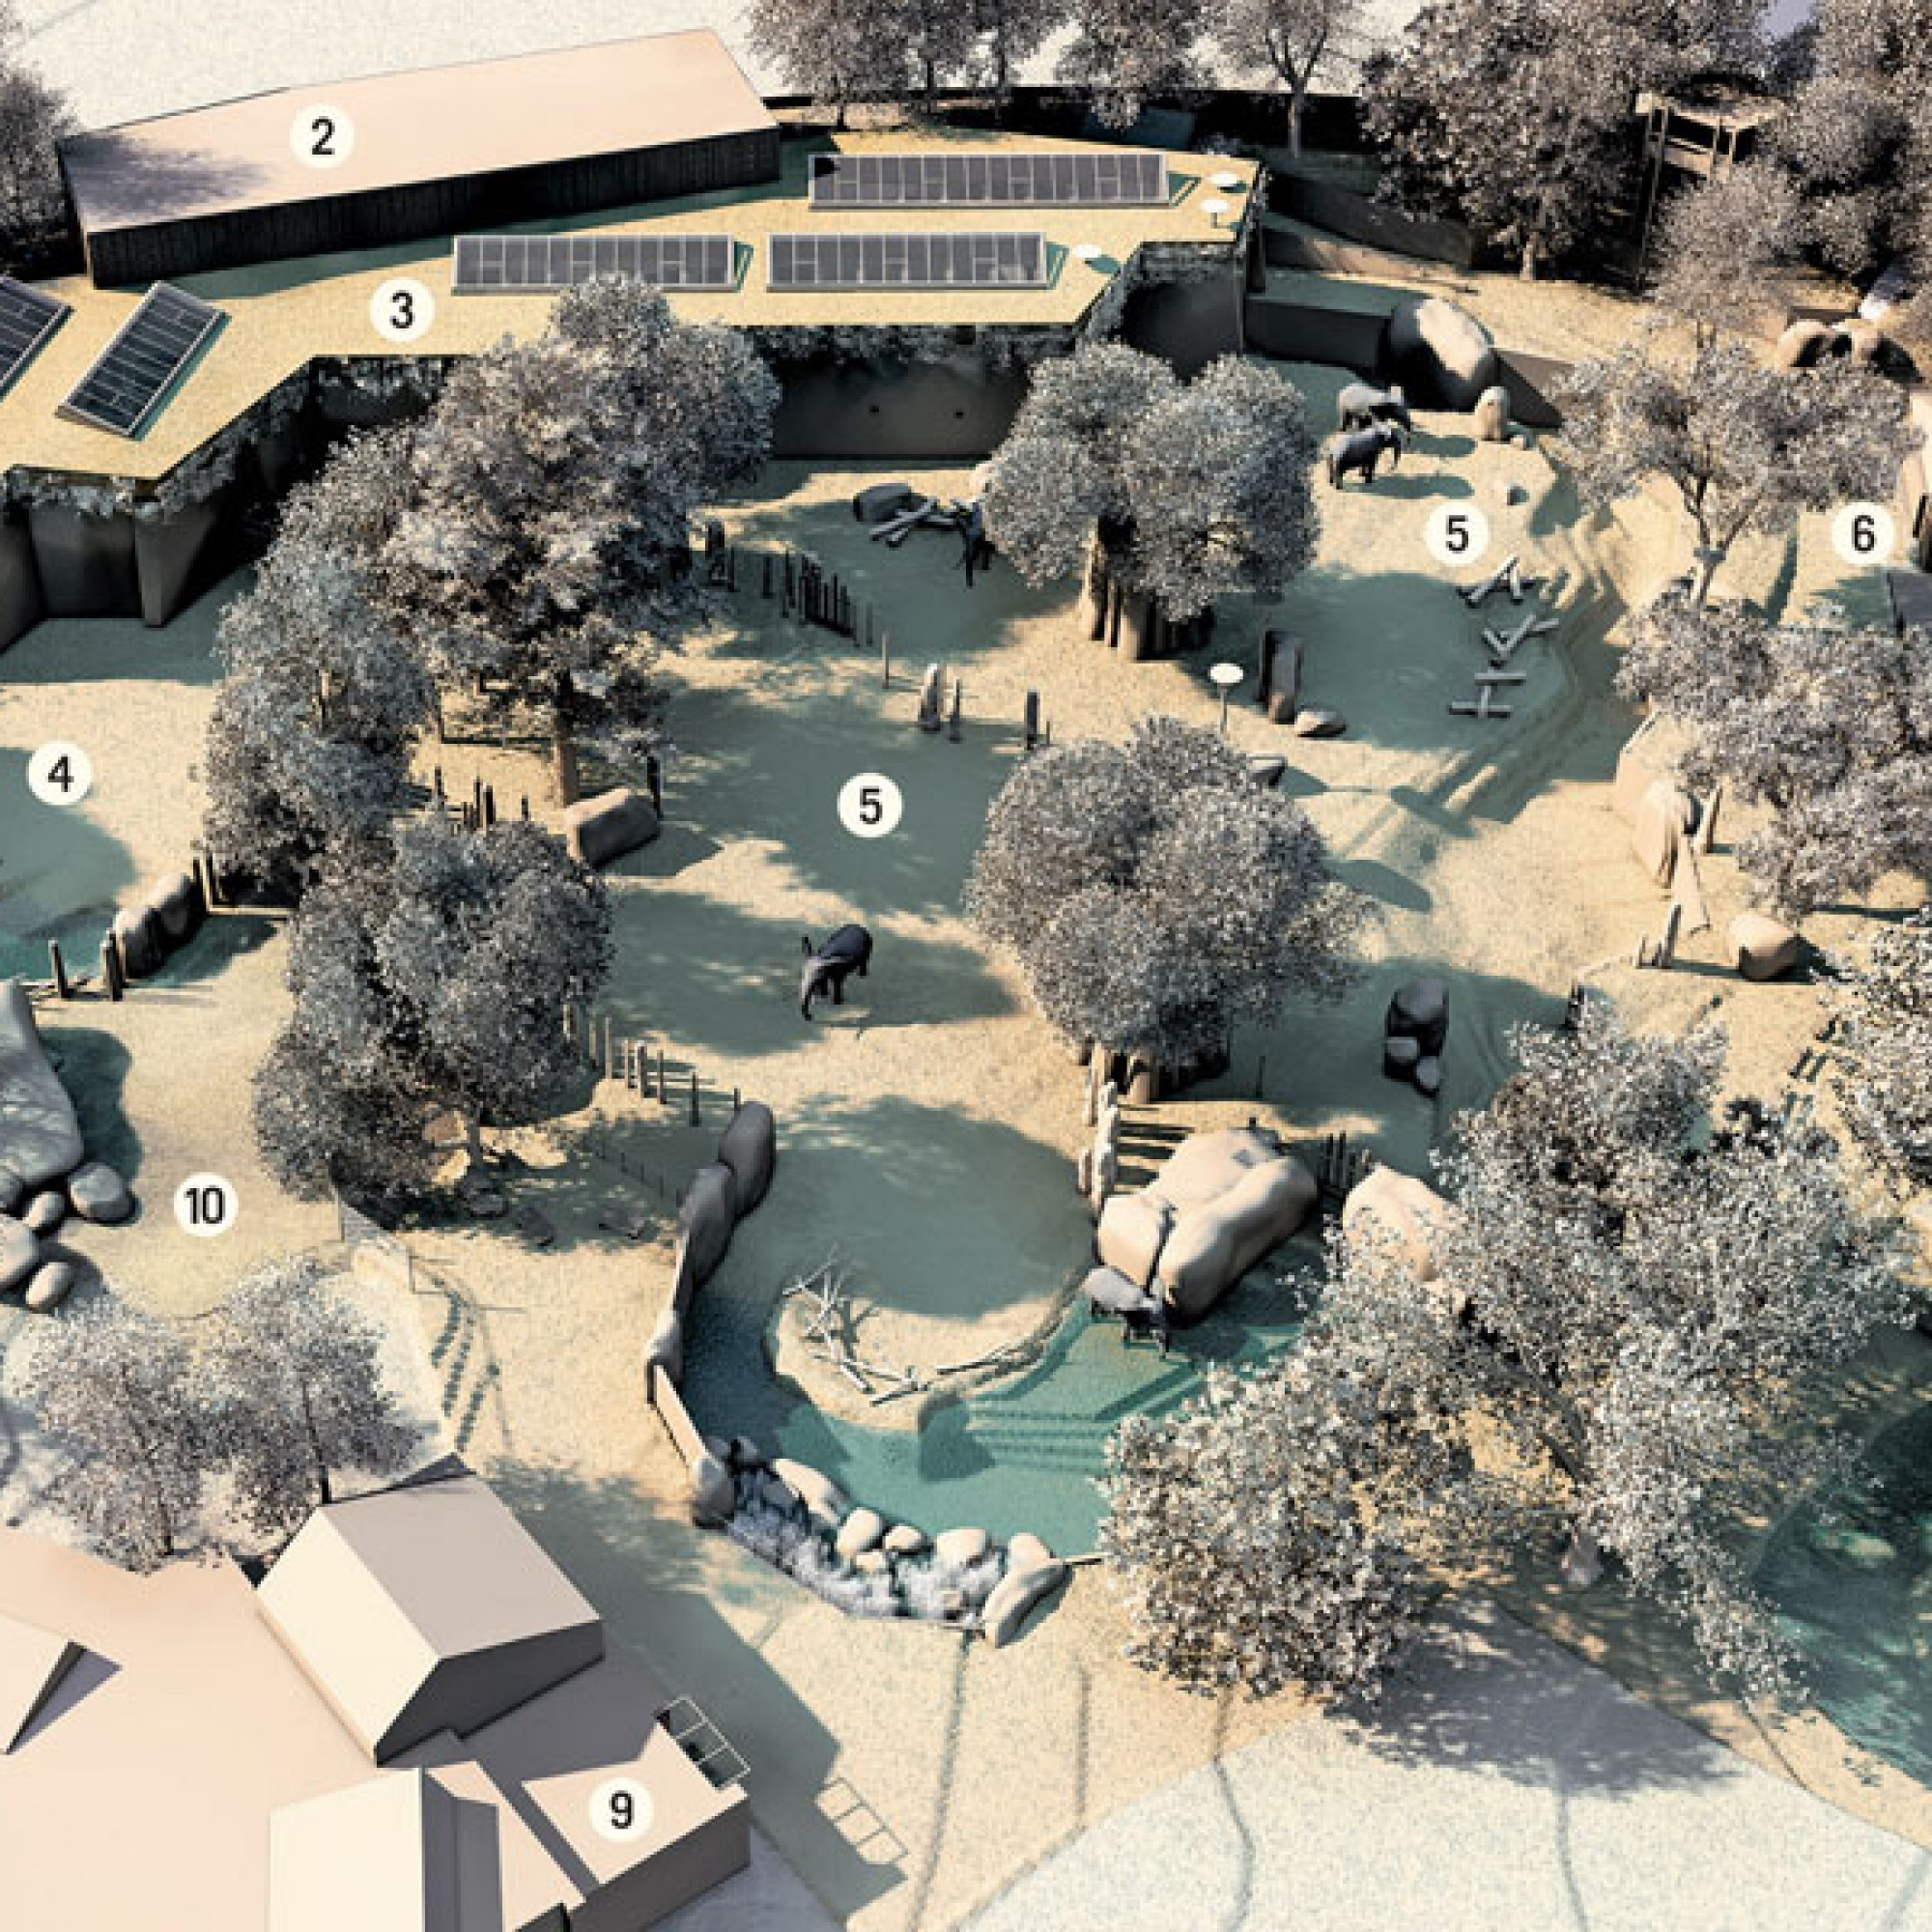 So sieht der Park für die Basler Elefanten im Übersichtsplan aus: 1 Zoo-Aussenmauer, 2 Heulager 3 Elefantenhaus, 4 Anlage Elefantenbulle, 5 Anlage Elefantenkühe, 6 Fenster Elefantenanlage, 7 Neue Restaurantterrasse, 8 Katta-Anlage, 9 Etoscha-Haus, 10 Gepa